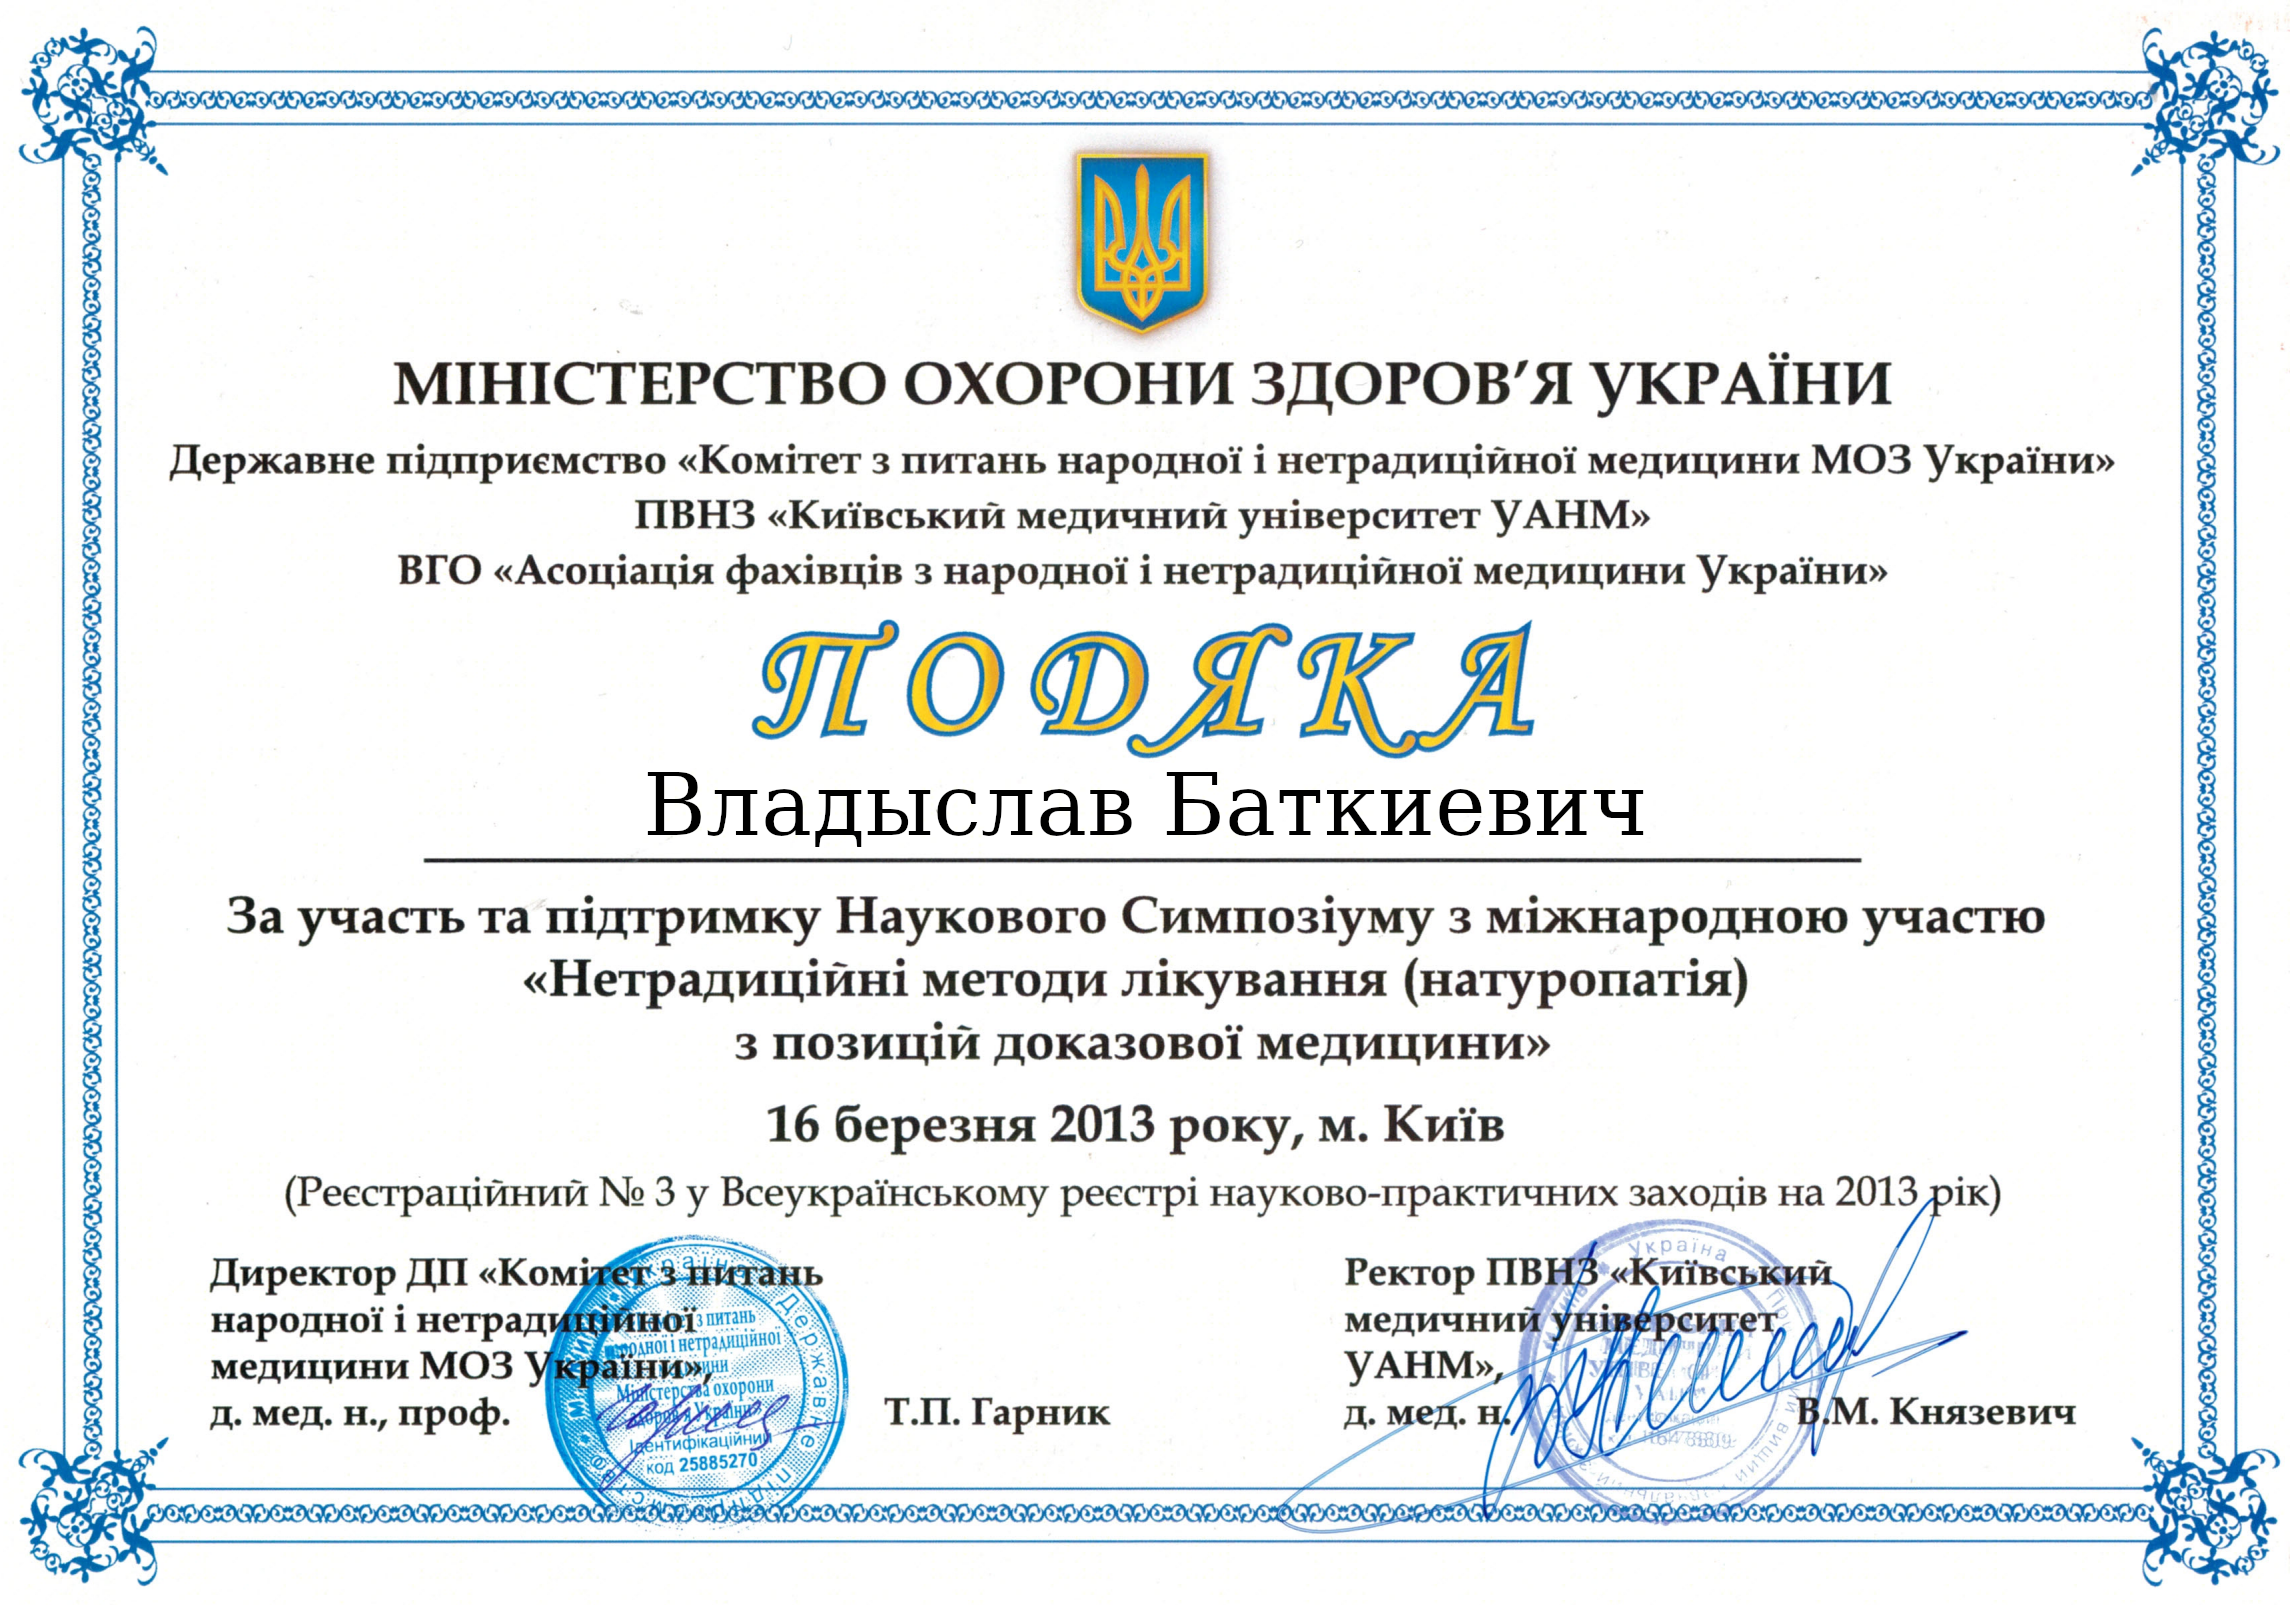 UKRAINA 2 (1)